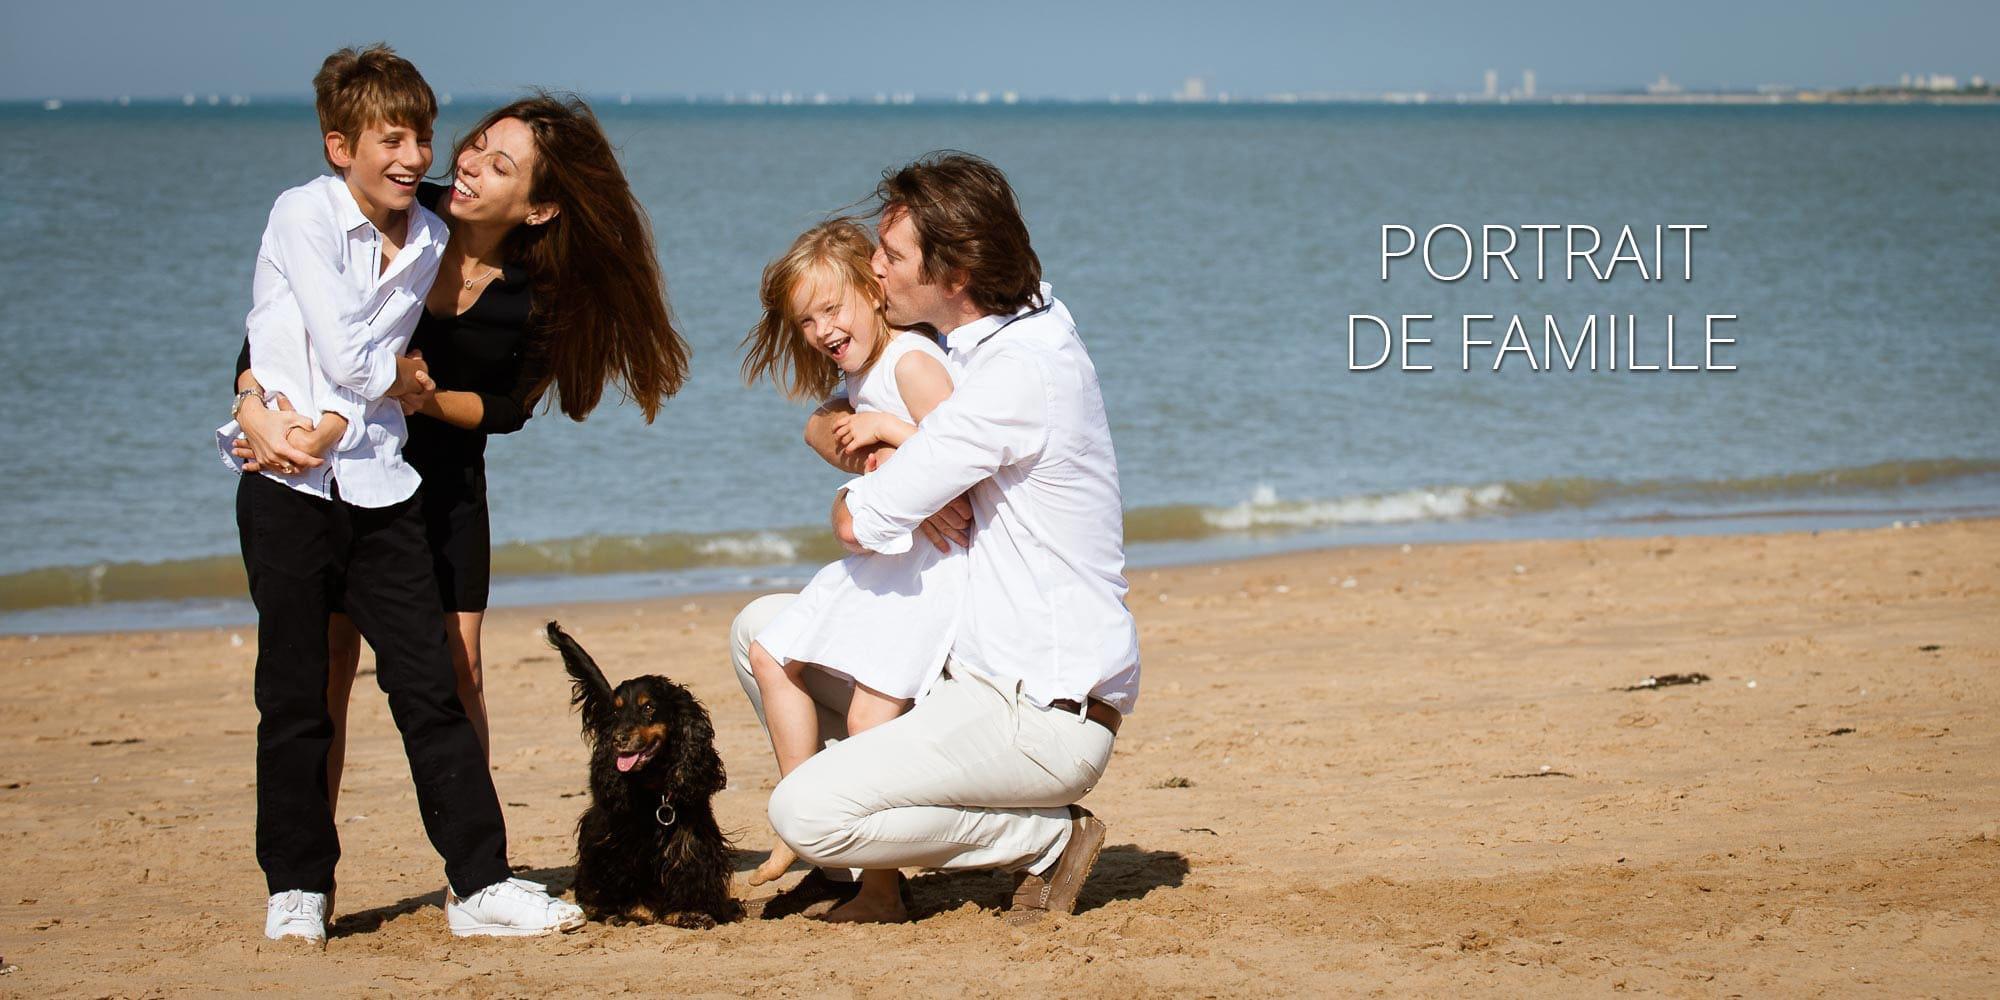 Instants-clichés-photographe-la-rochelle-charente-maritime-17-rochefort-surgeres-portrait-famille